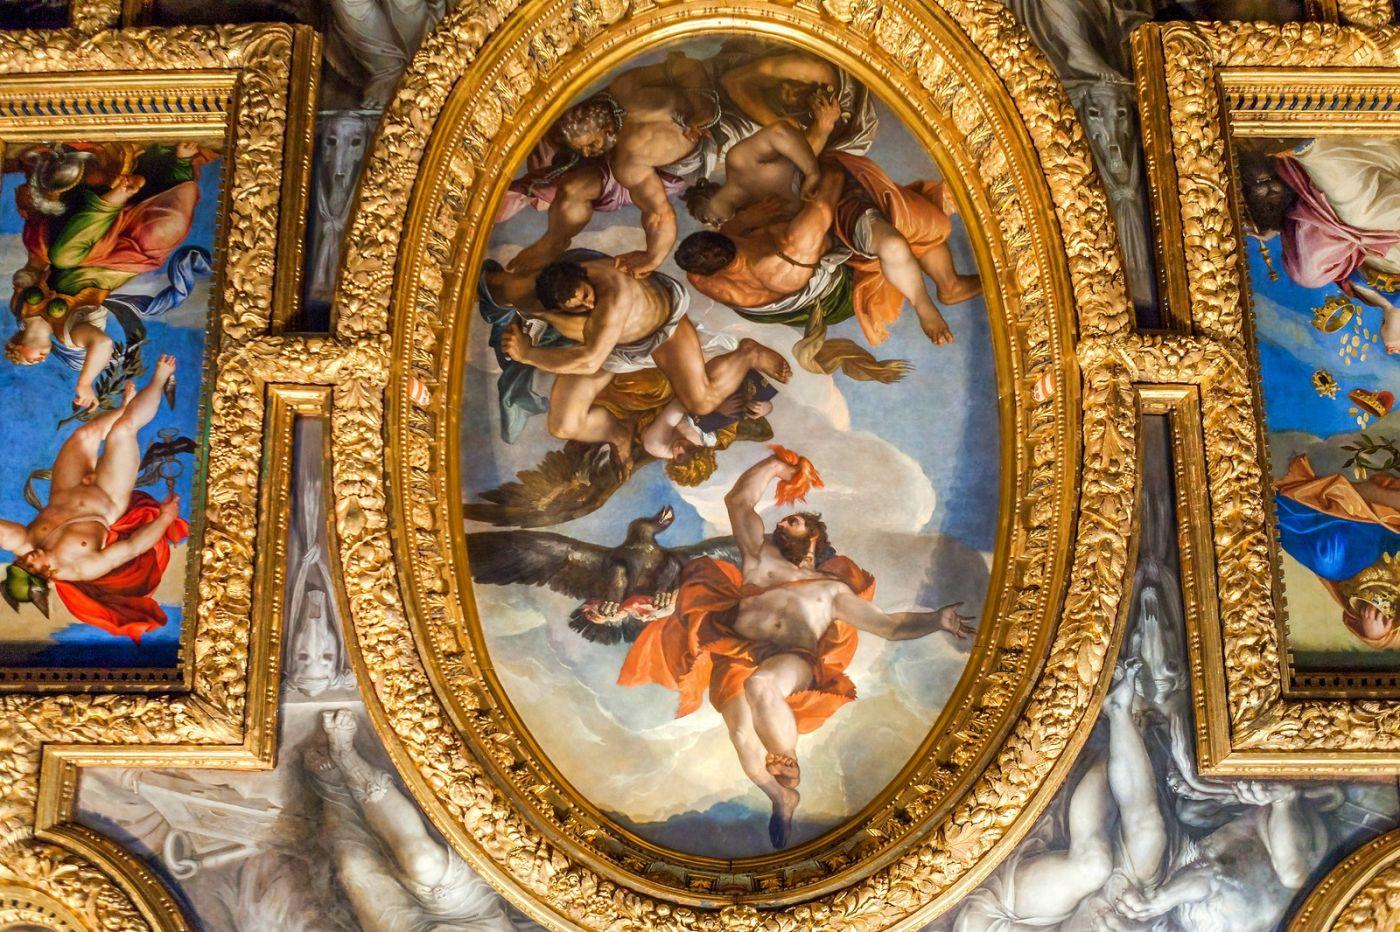 威尼斯圣马可大教堂(St Mark's Basilica), 精雕细琢的顶设_图1-14